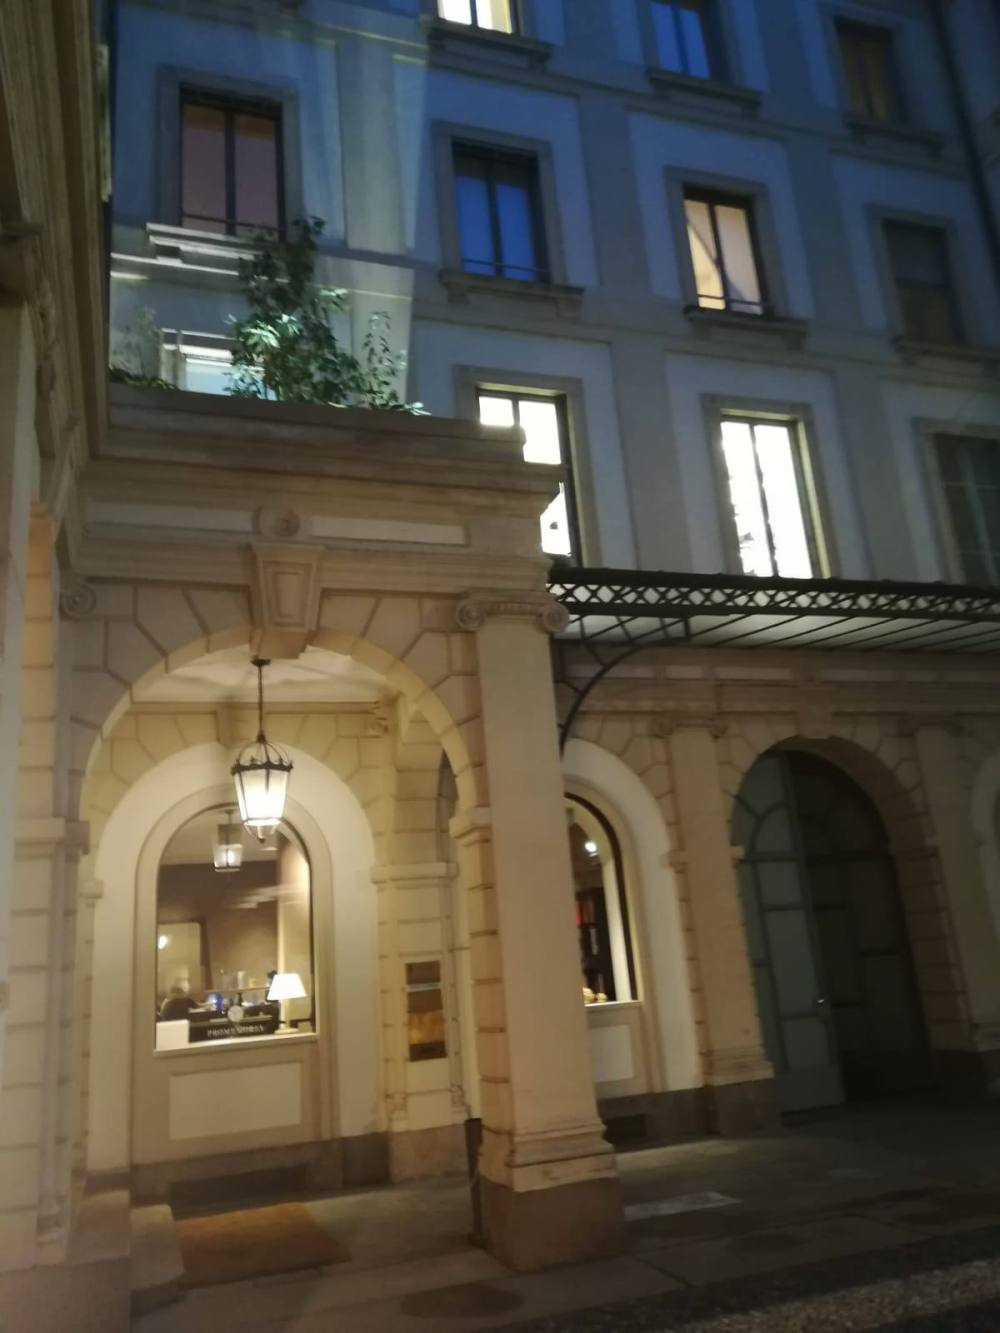 Studio Peritale Diagnostico Verdi Demma sede Milano 6_compress58.jpg